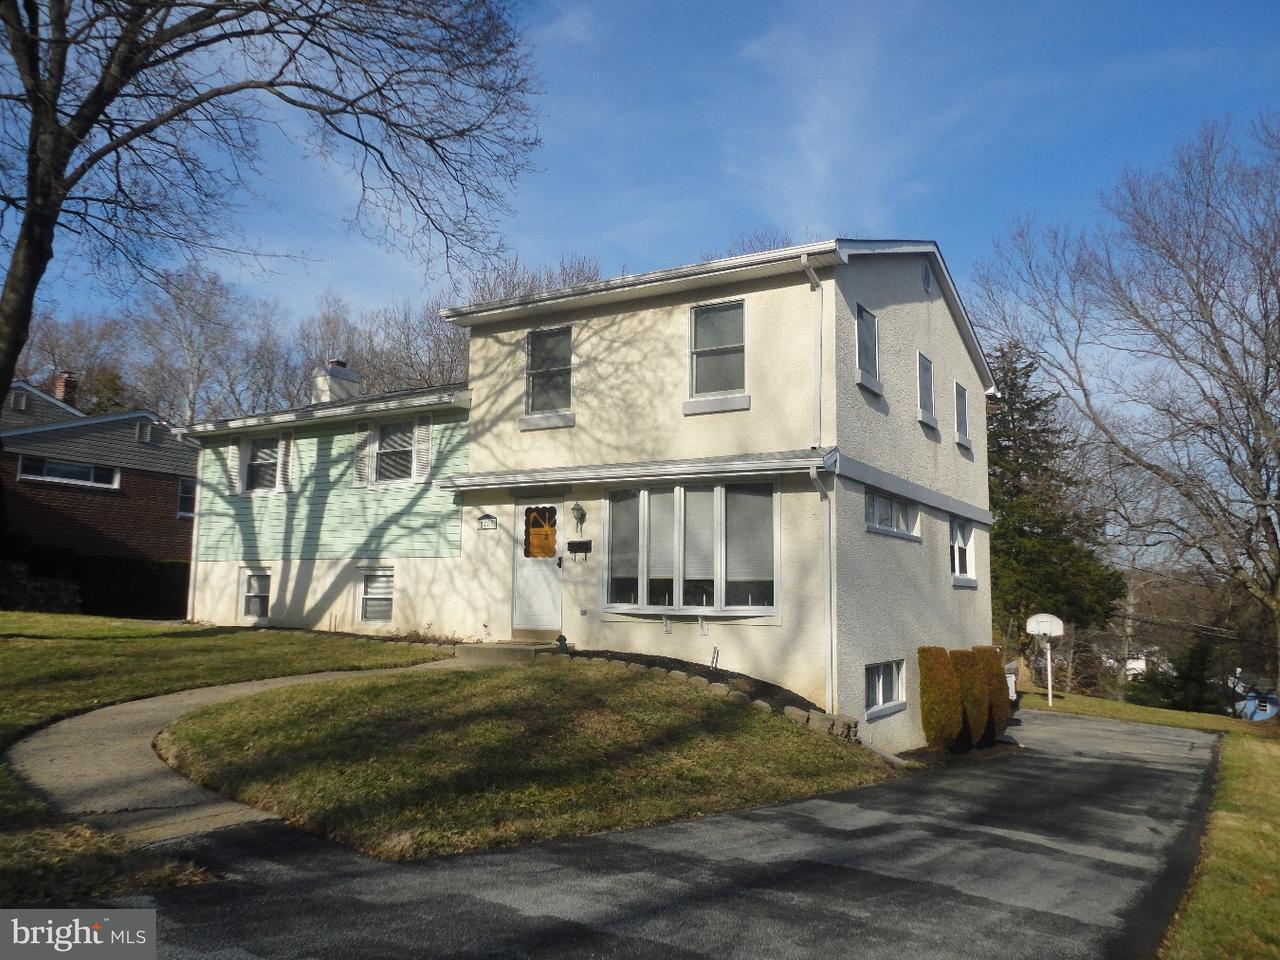 Частный односемейный дом для того Продажа на 2787 HIGHLAND Avenue Broomall, Пенсильвания 19008 Соединенные Штаты